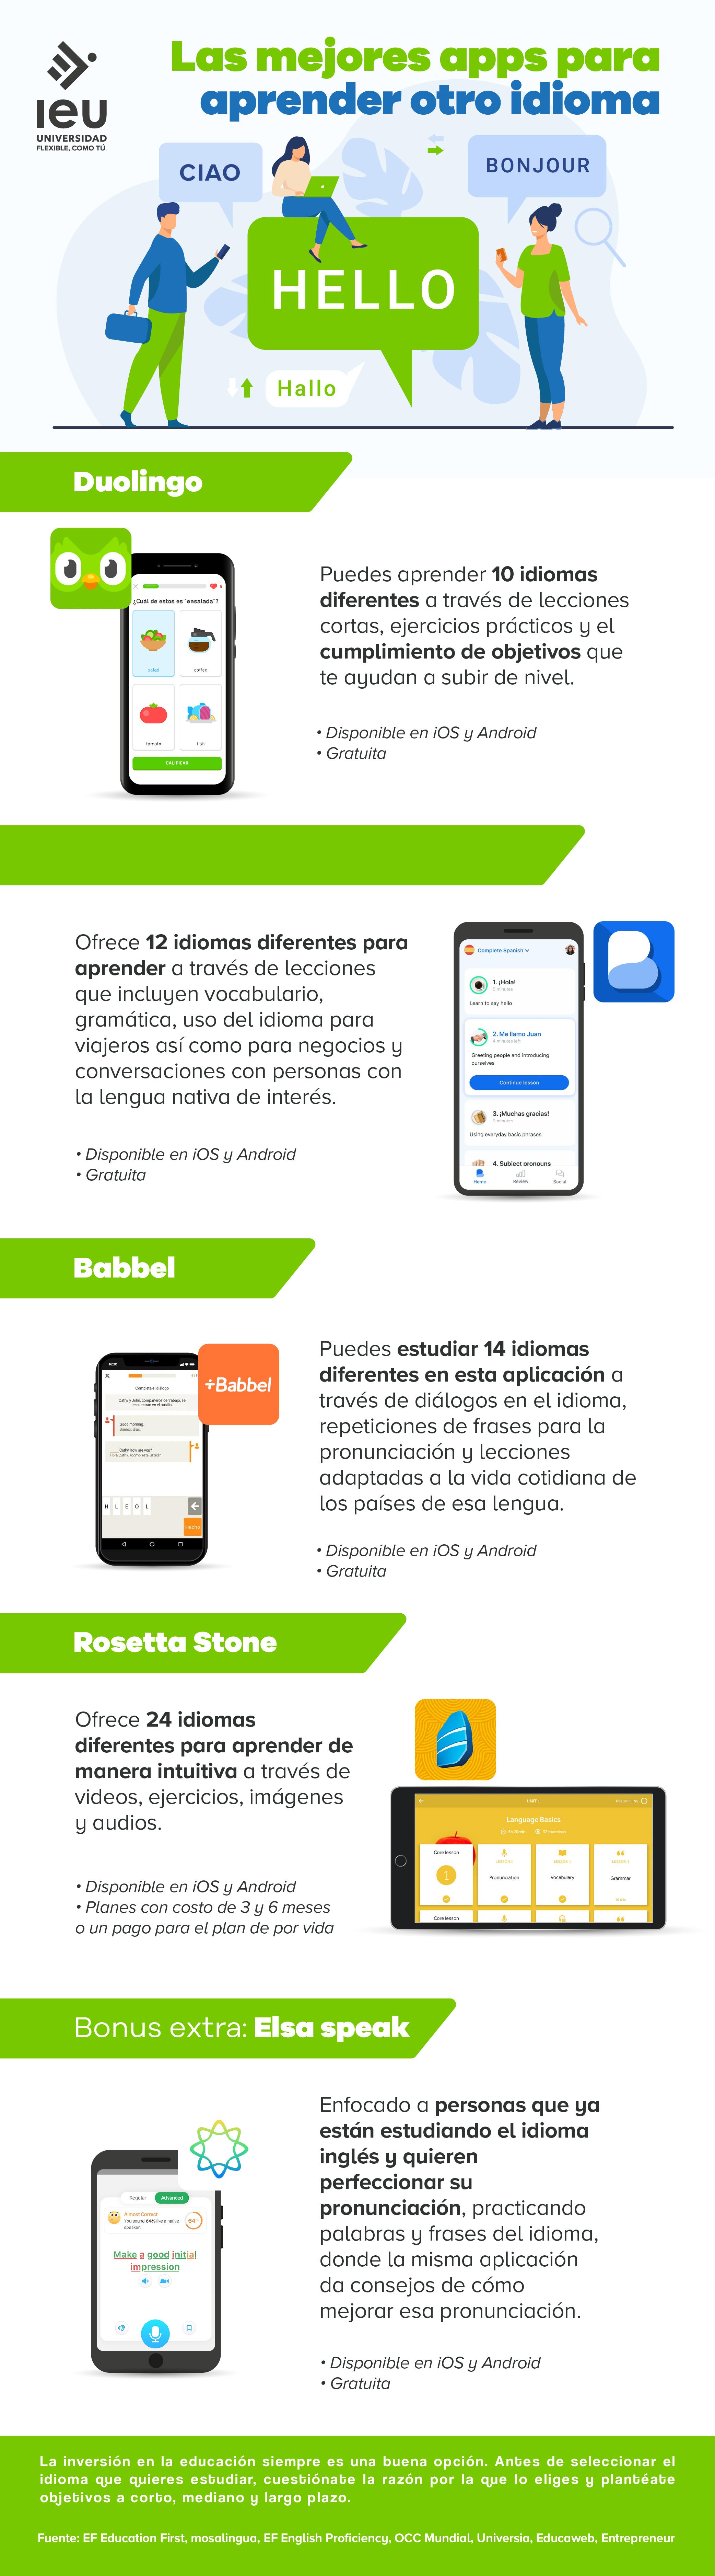 las mejores apps para aprender otro idioma infografia